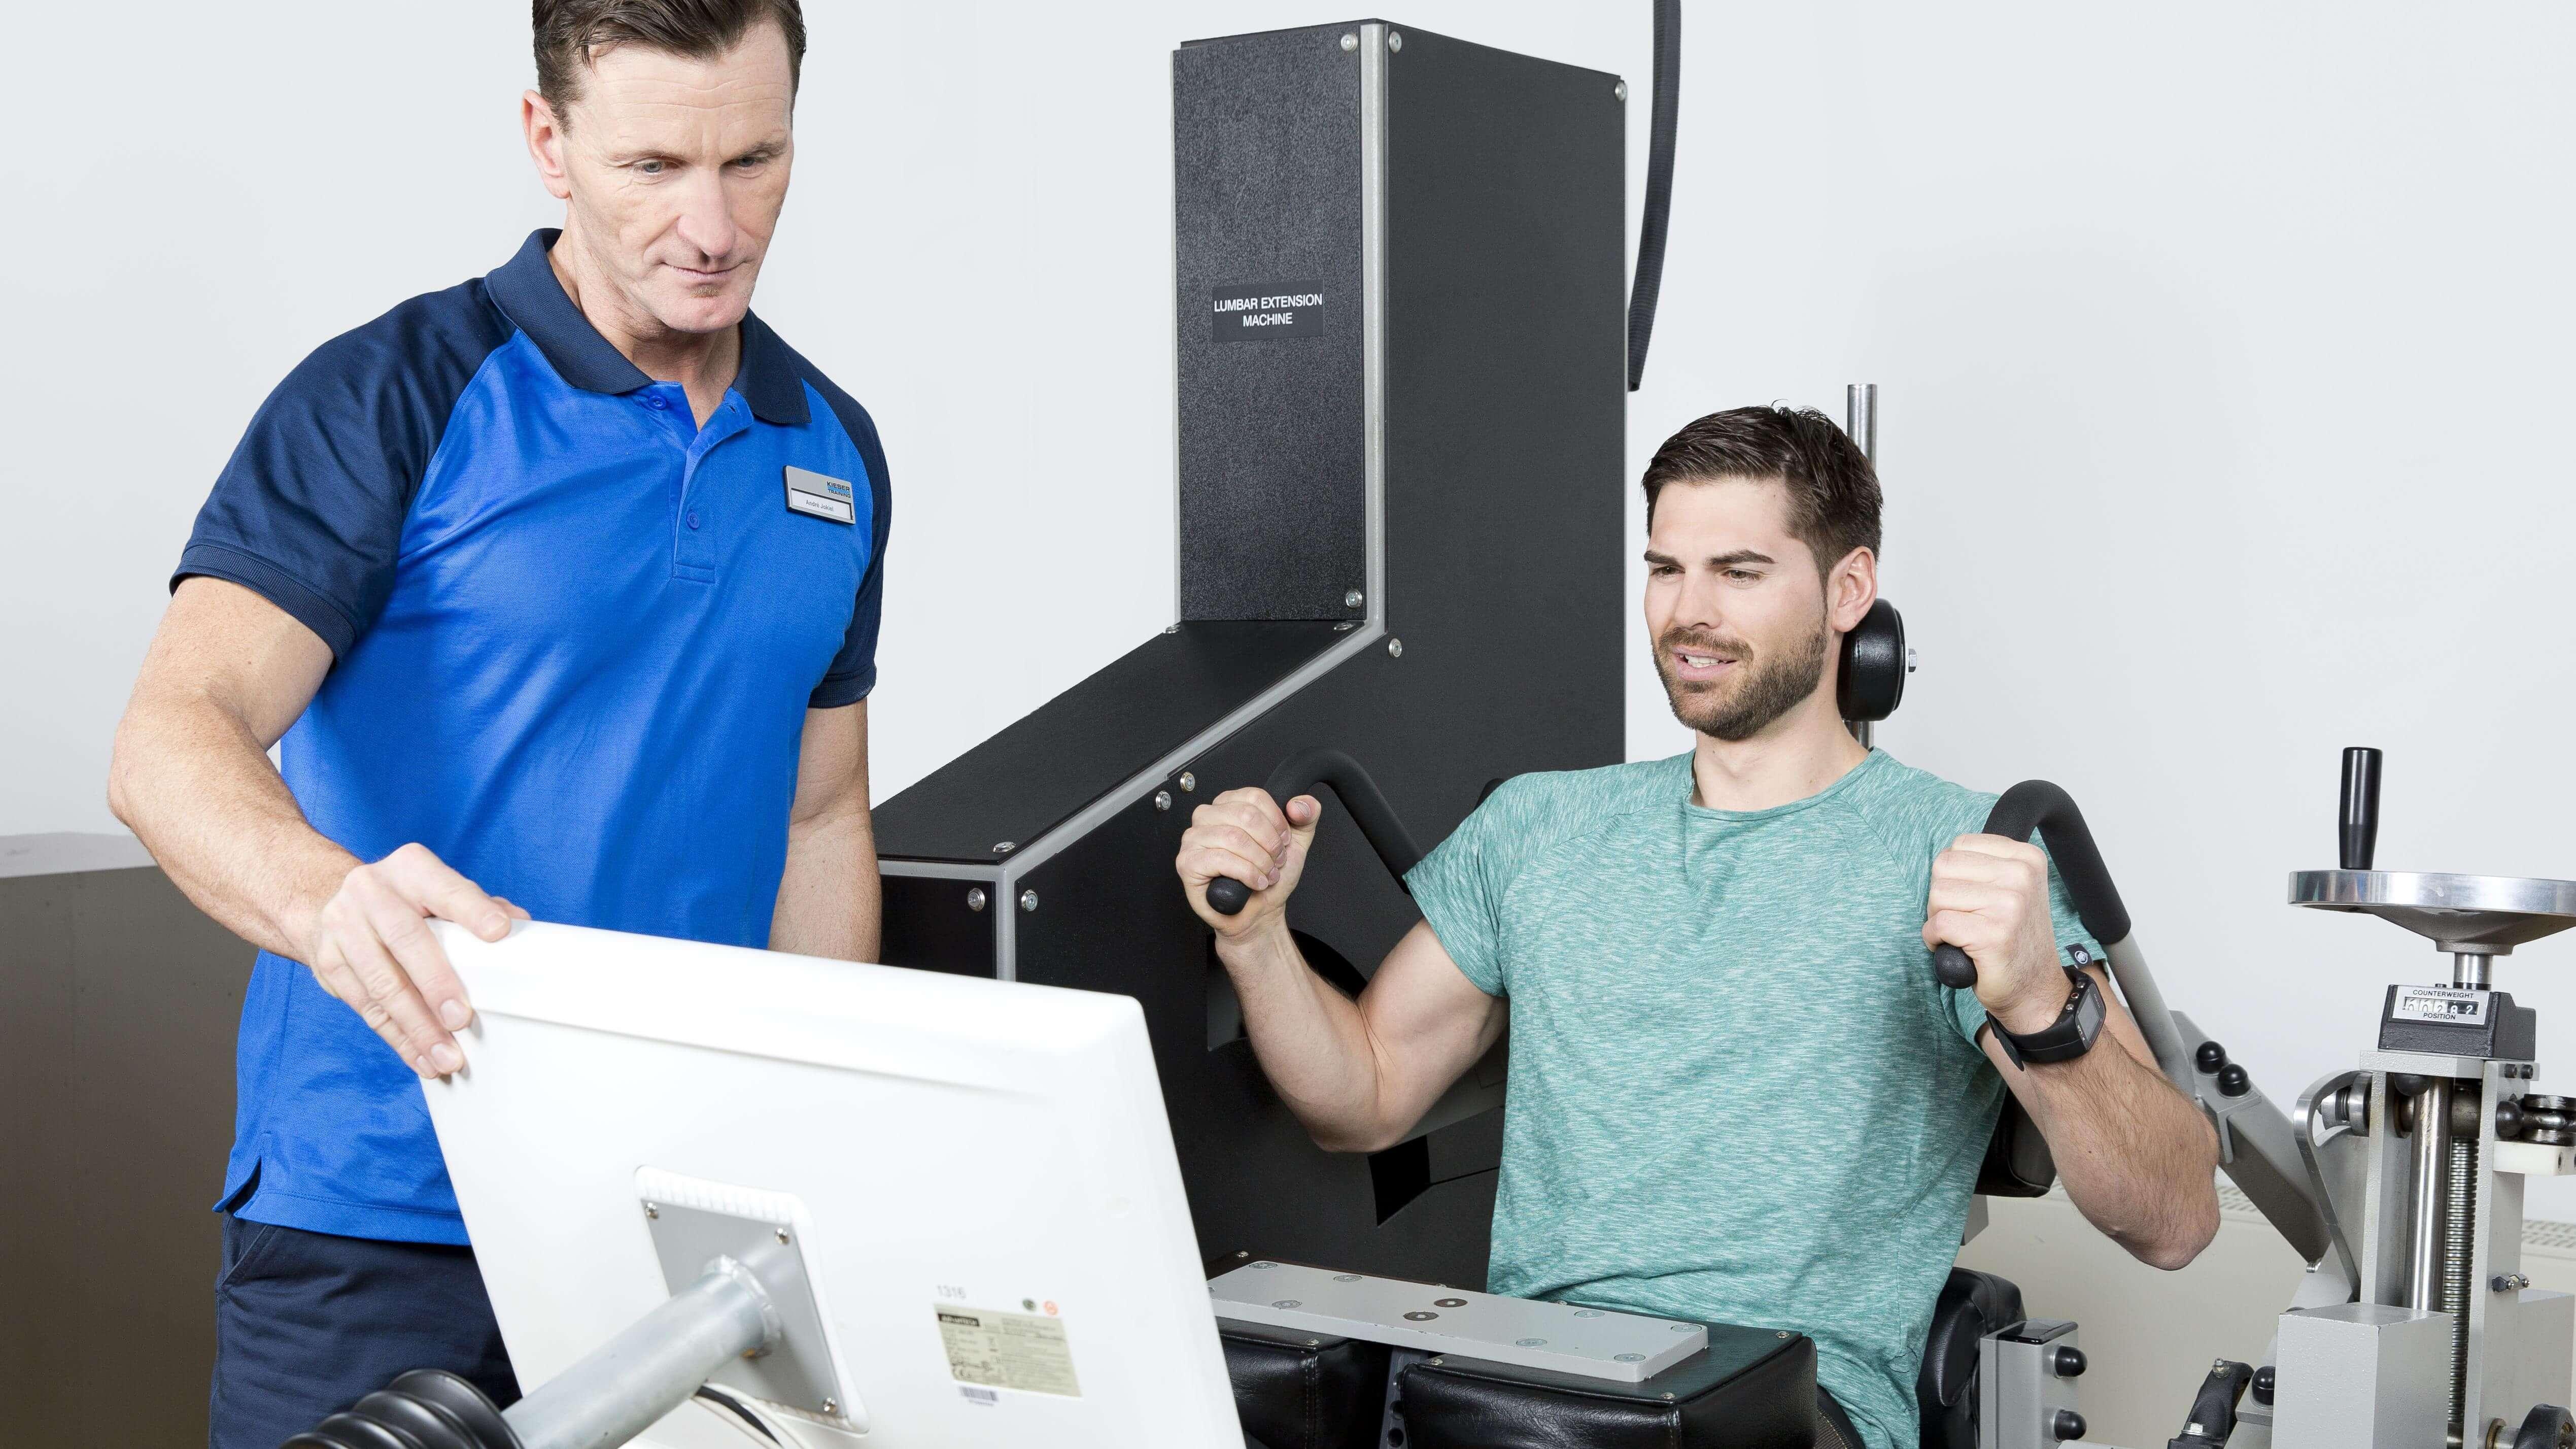 Einführung in die Maschinen Kieser-Training